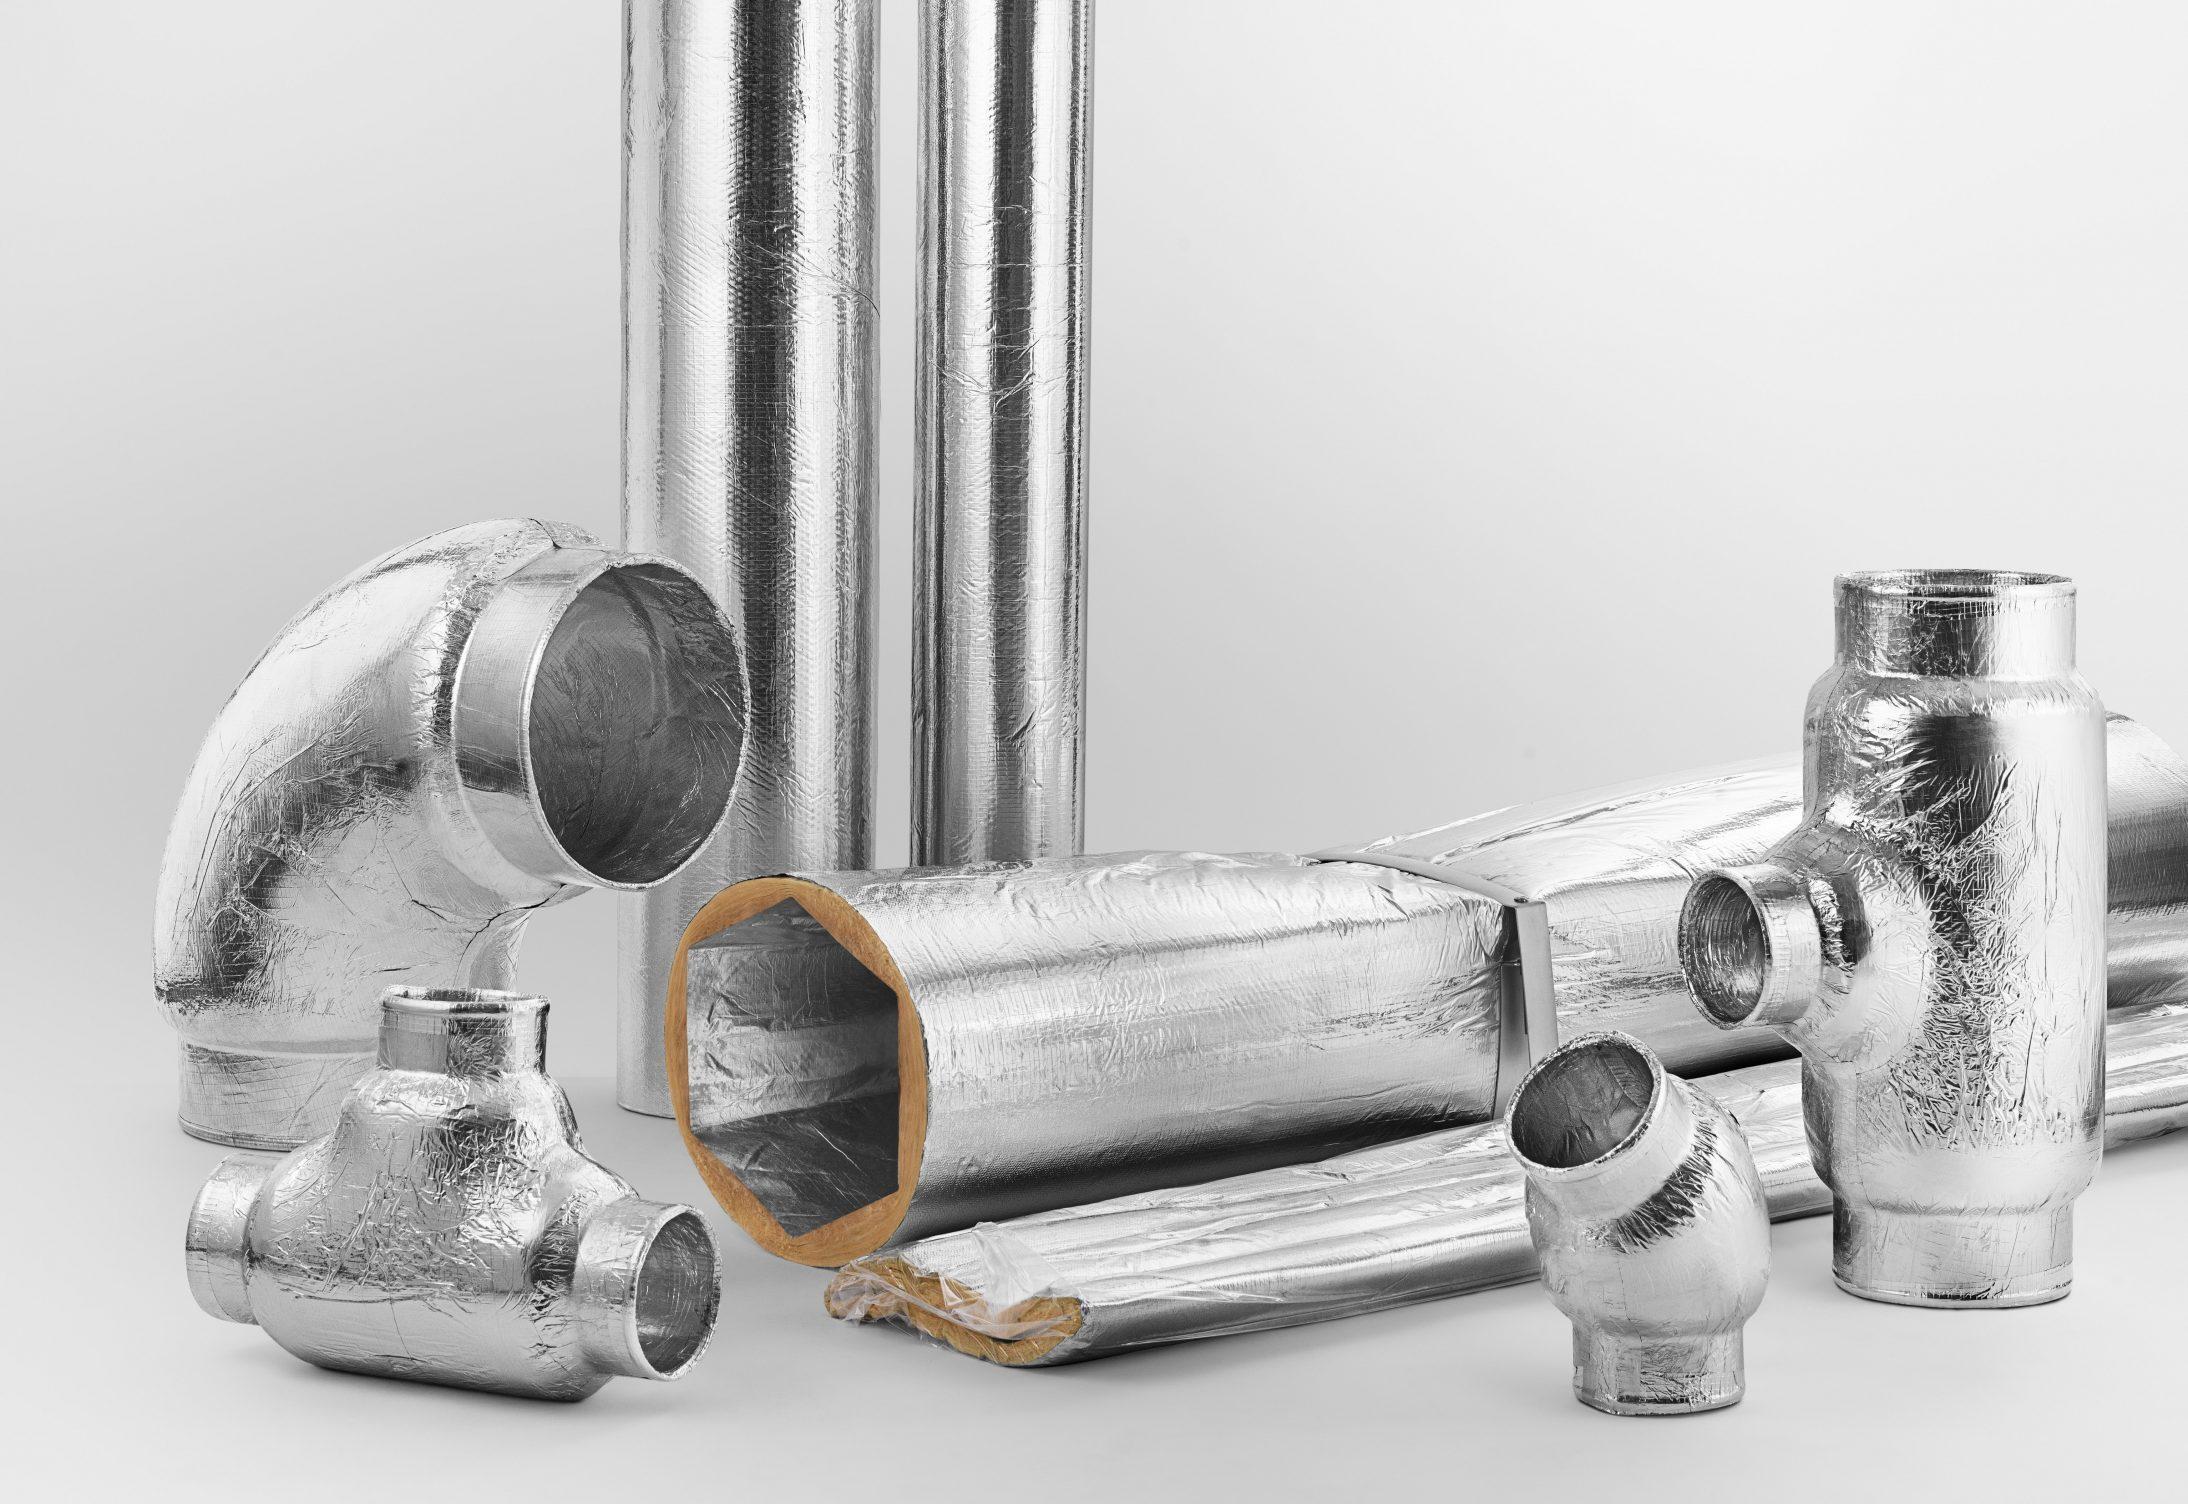 Våra ventilationskanaler tillverkas av återvunnet material